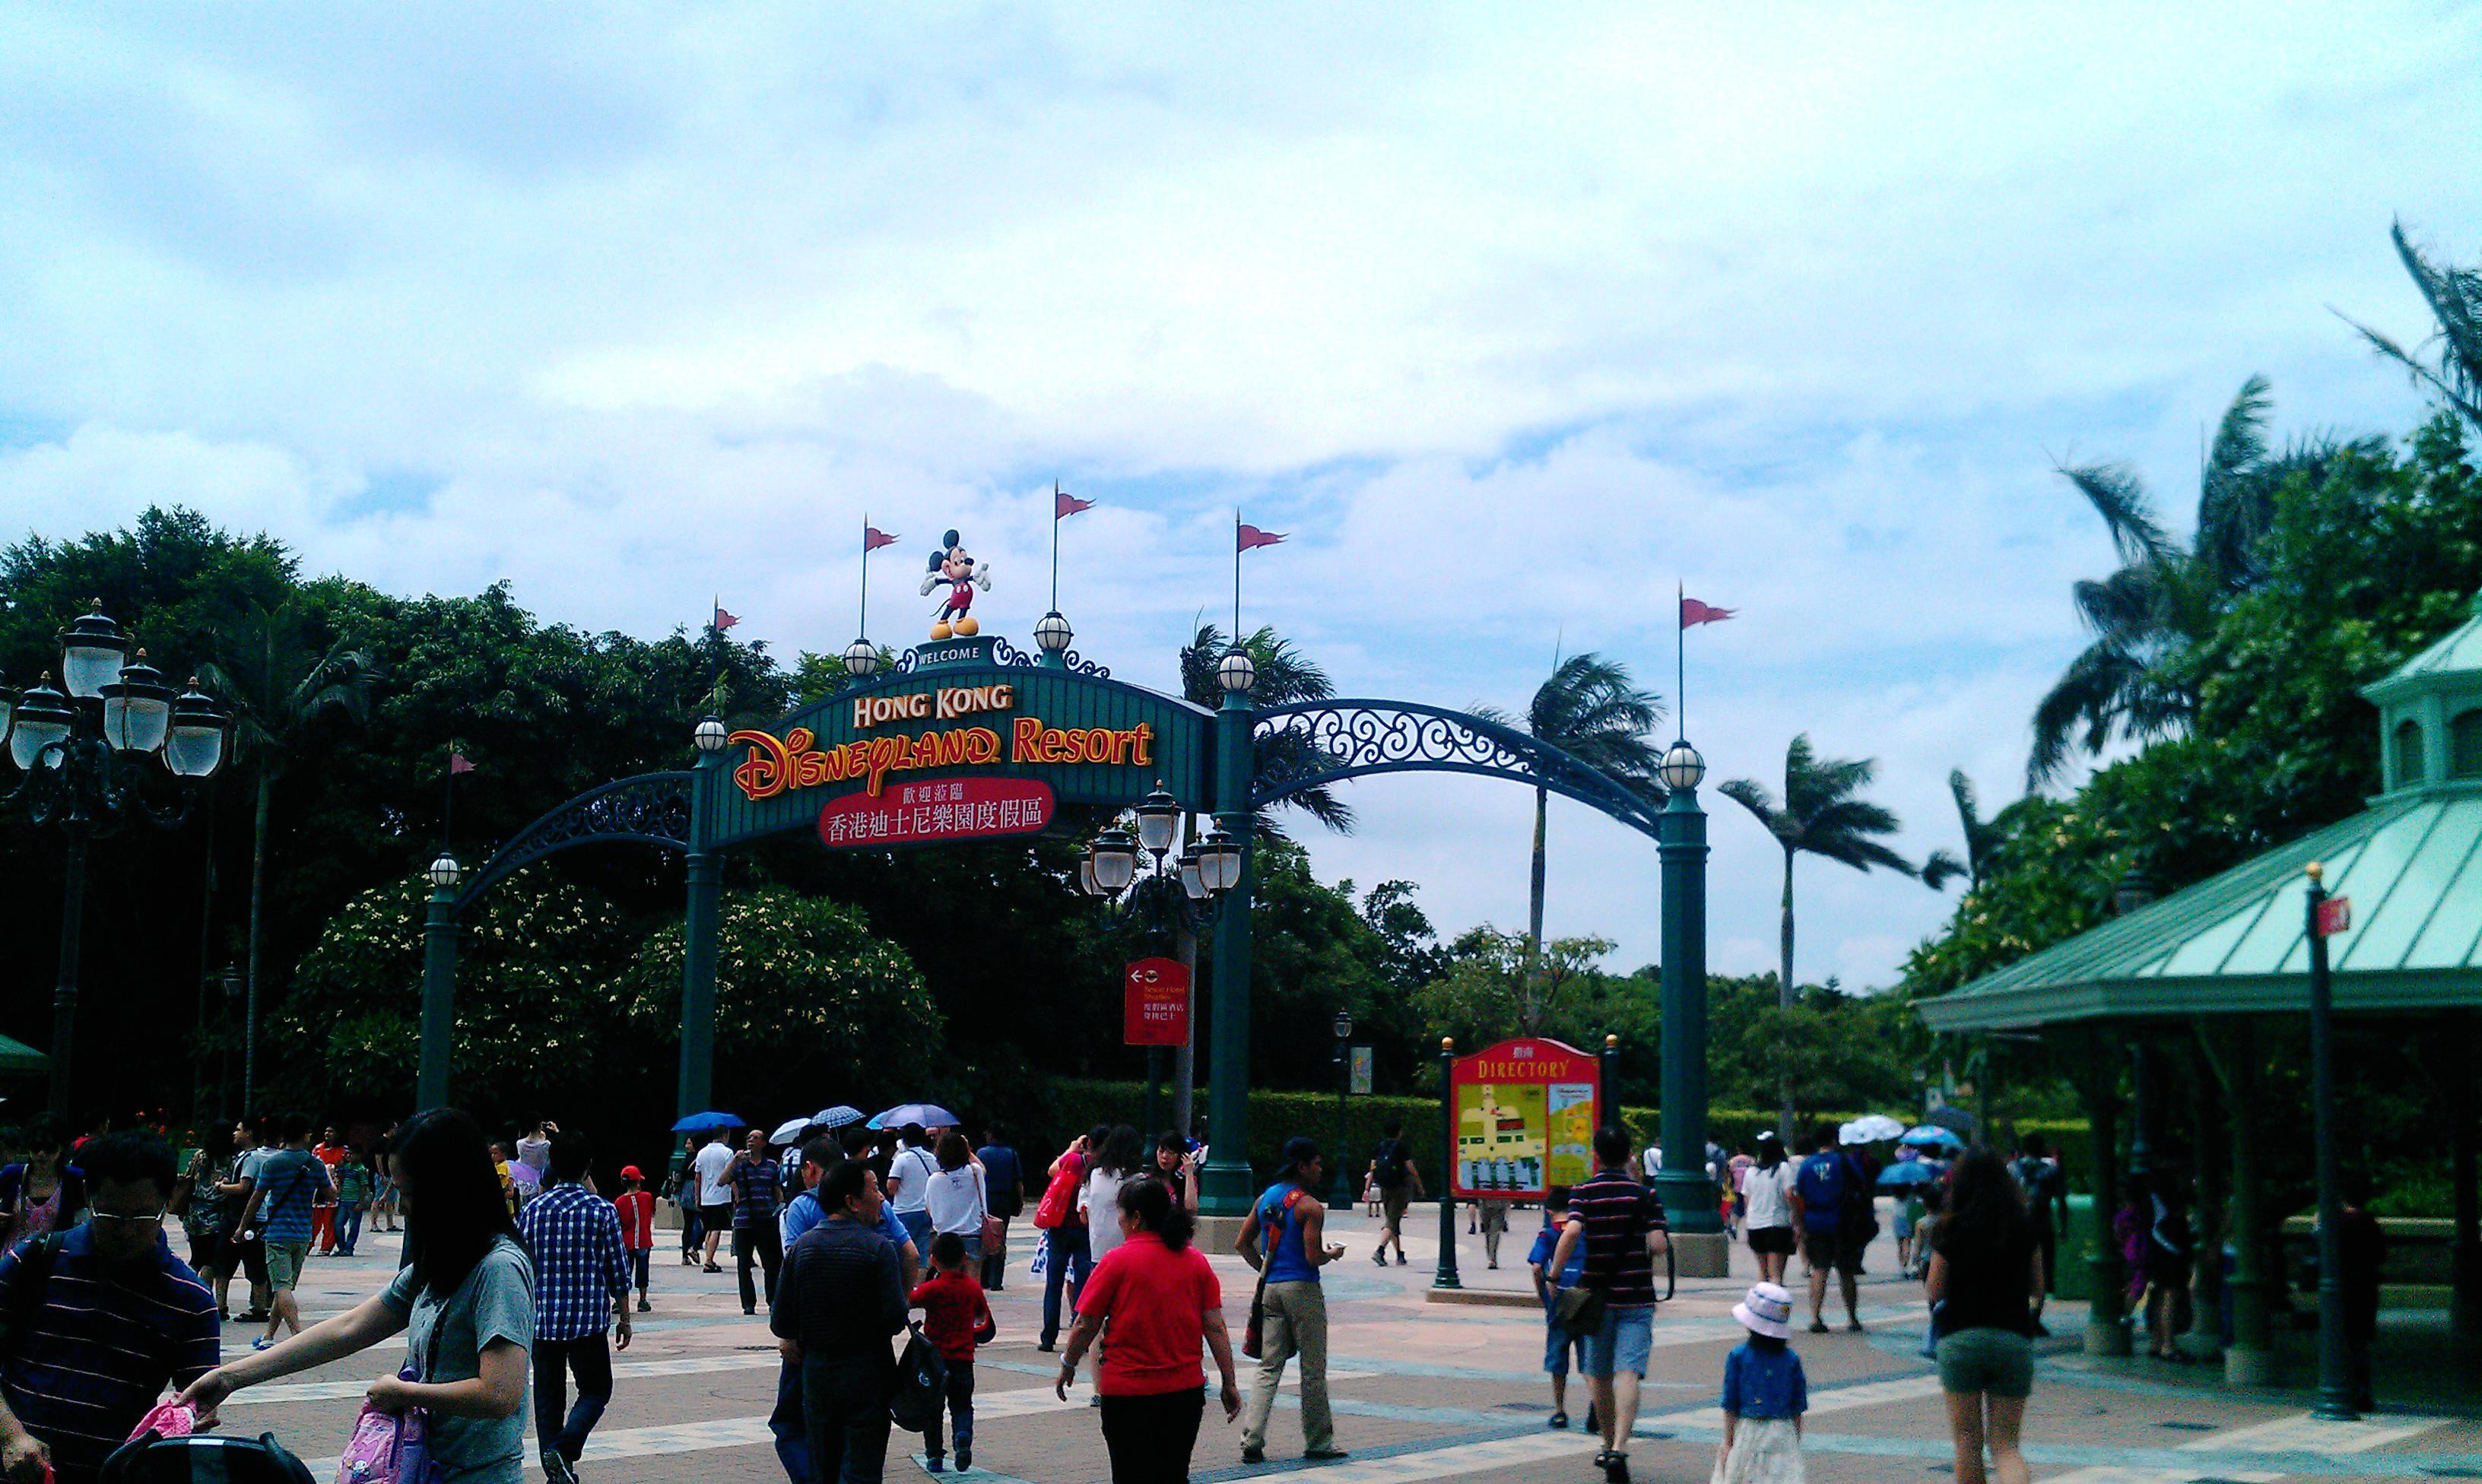 【携程情侣】香港香港迪士尼花园攻略点评出游2公司攻略乐园图片